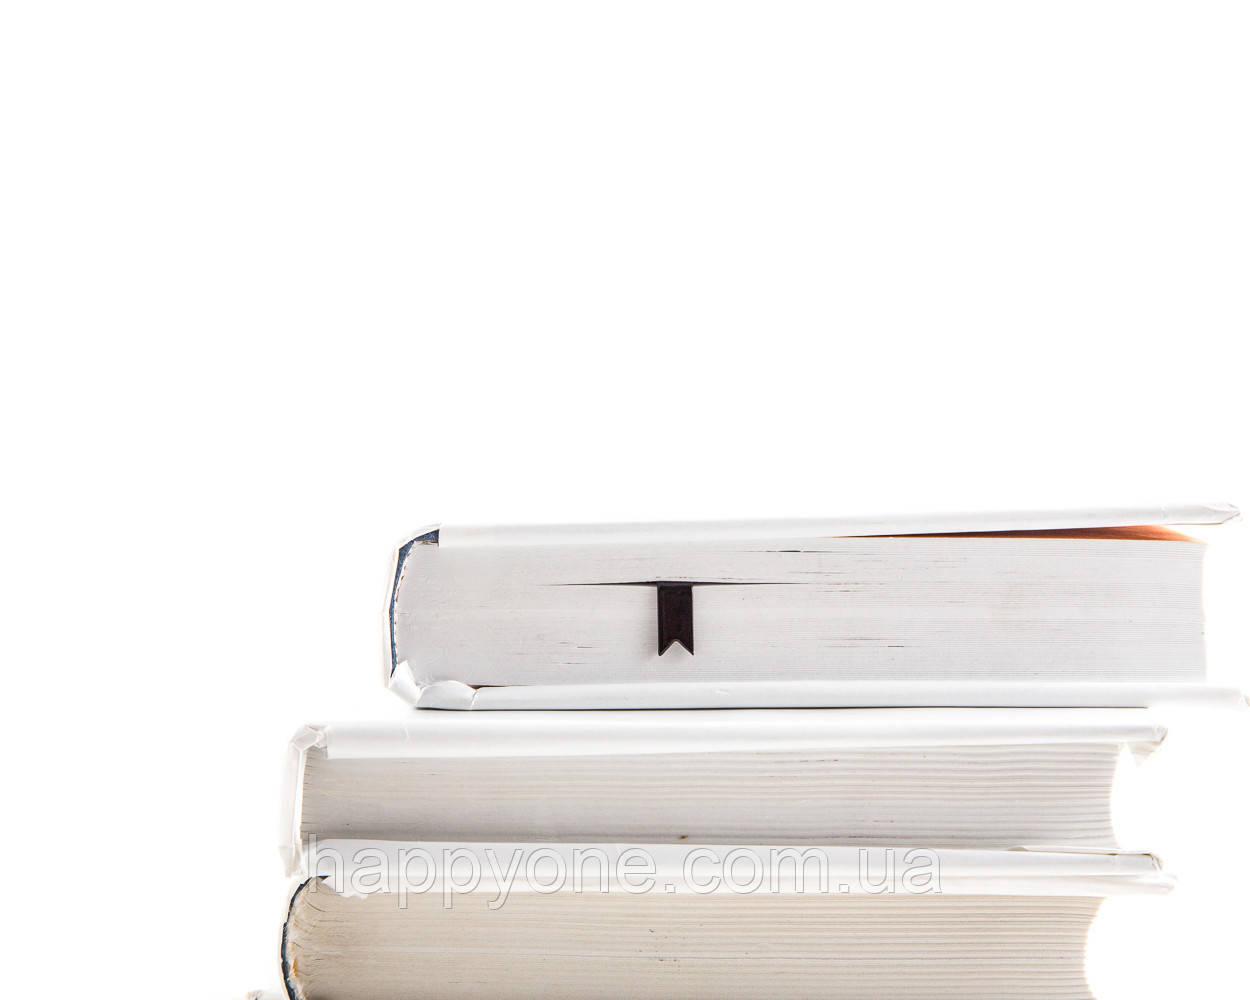 Закладка для книг Ляссе